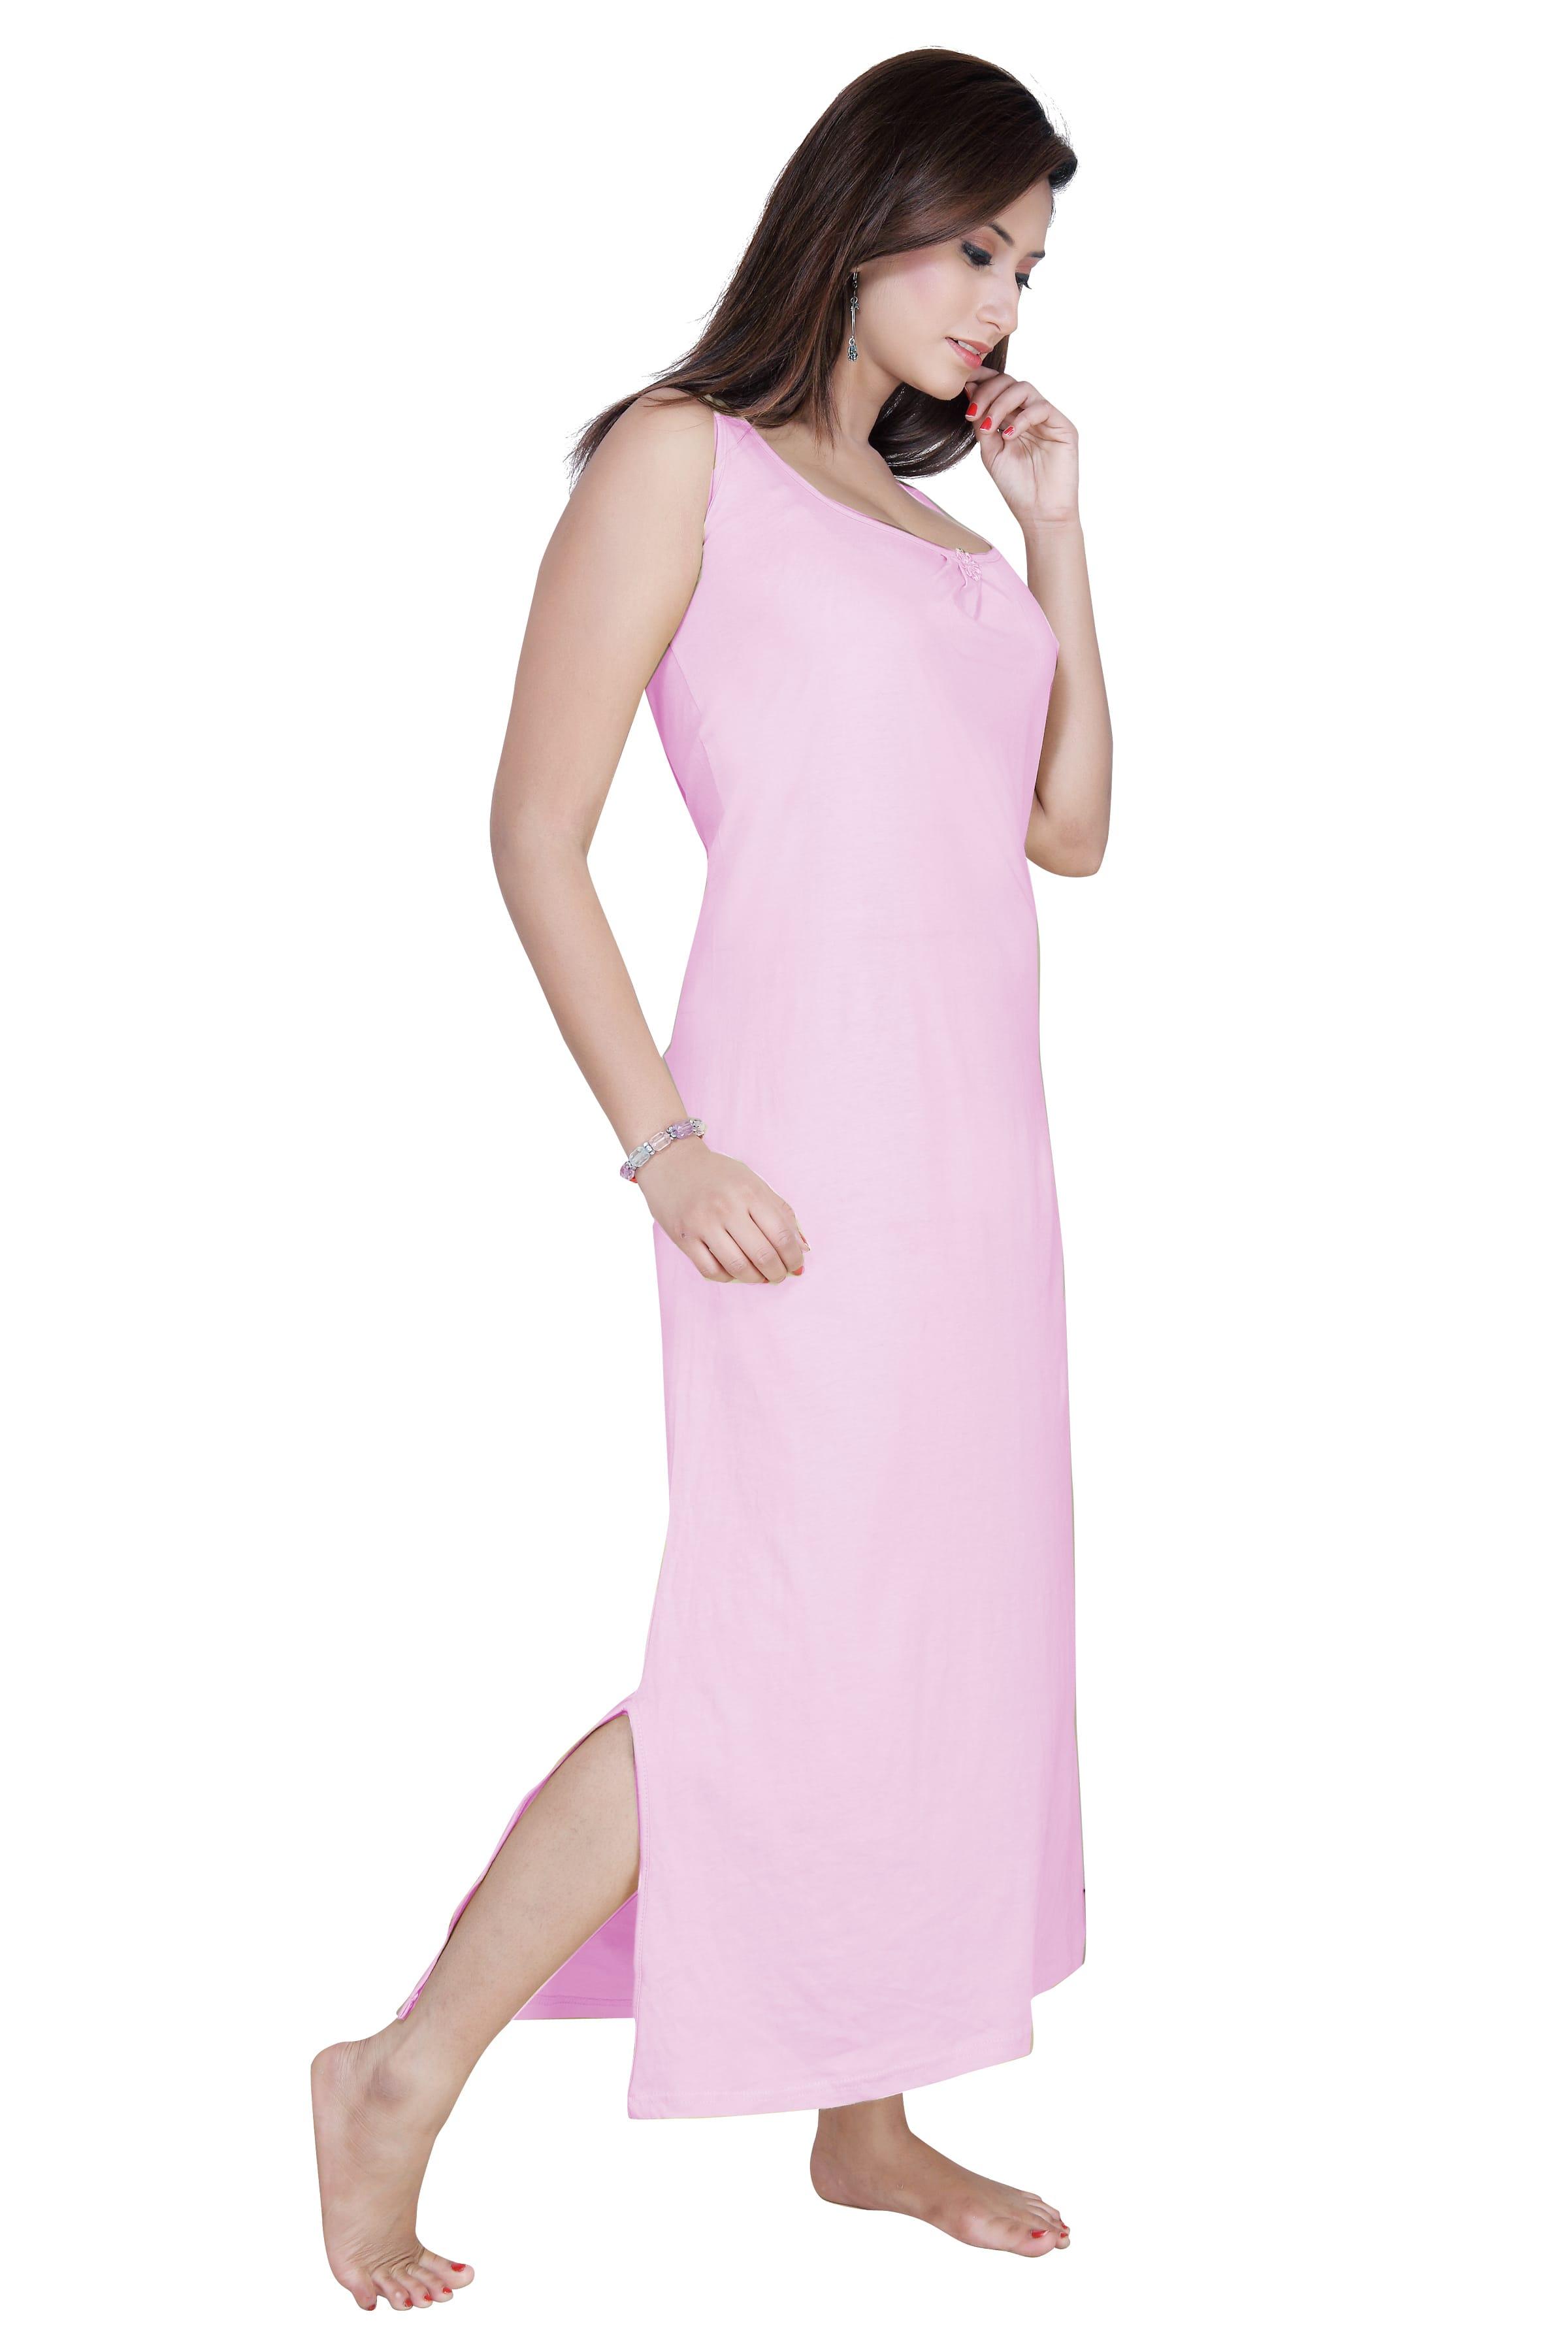 Womens Nightwear Buy Night Dress Nighties Suits For Ladies Kemeja Lavender Multicolor Shop At Velvet Online